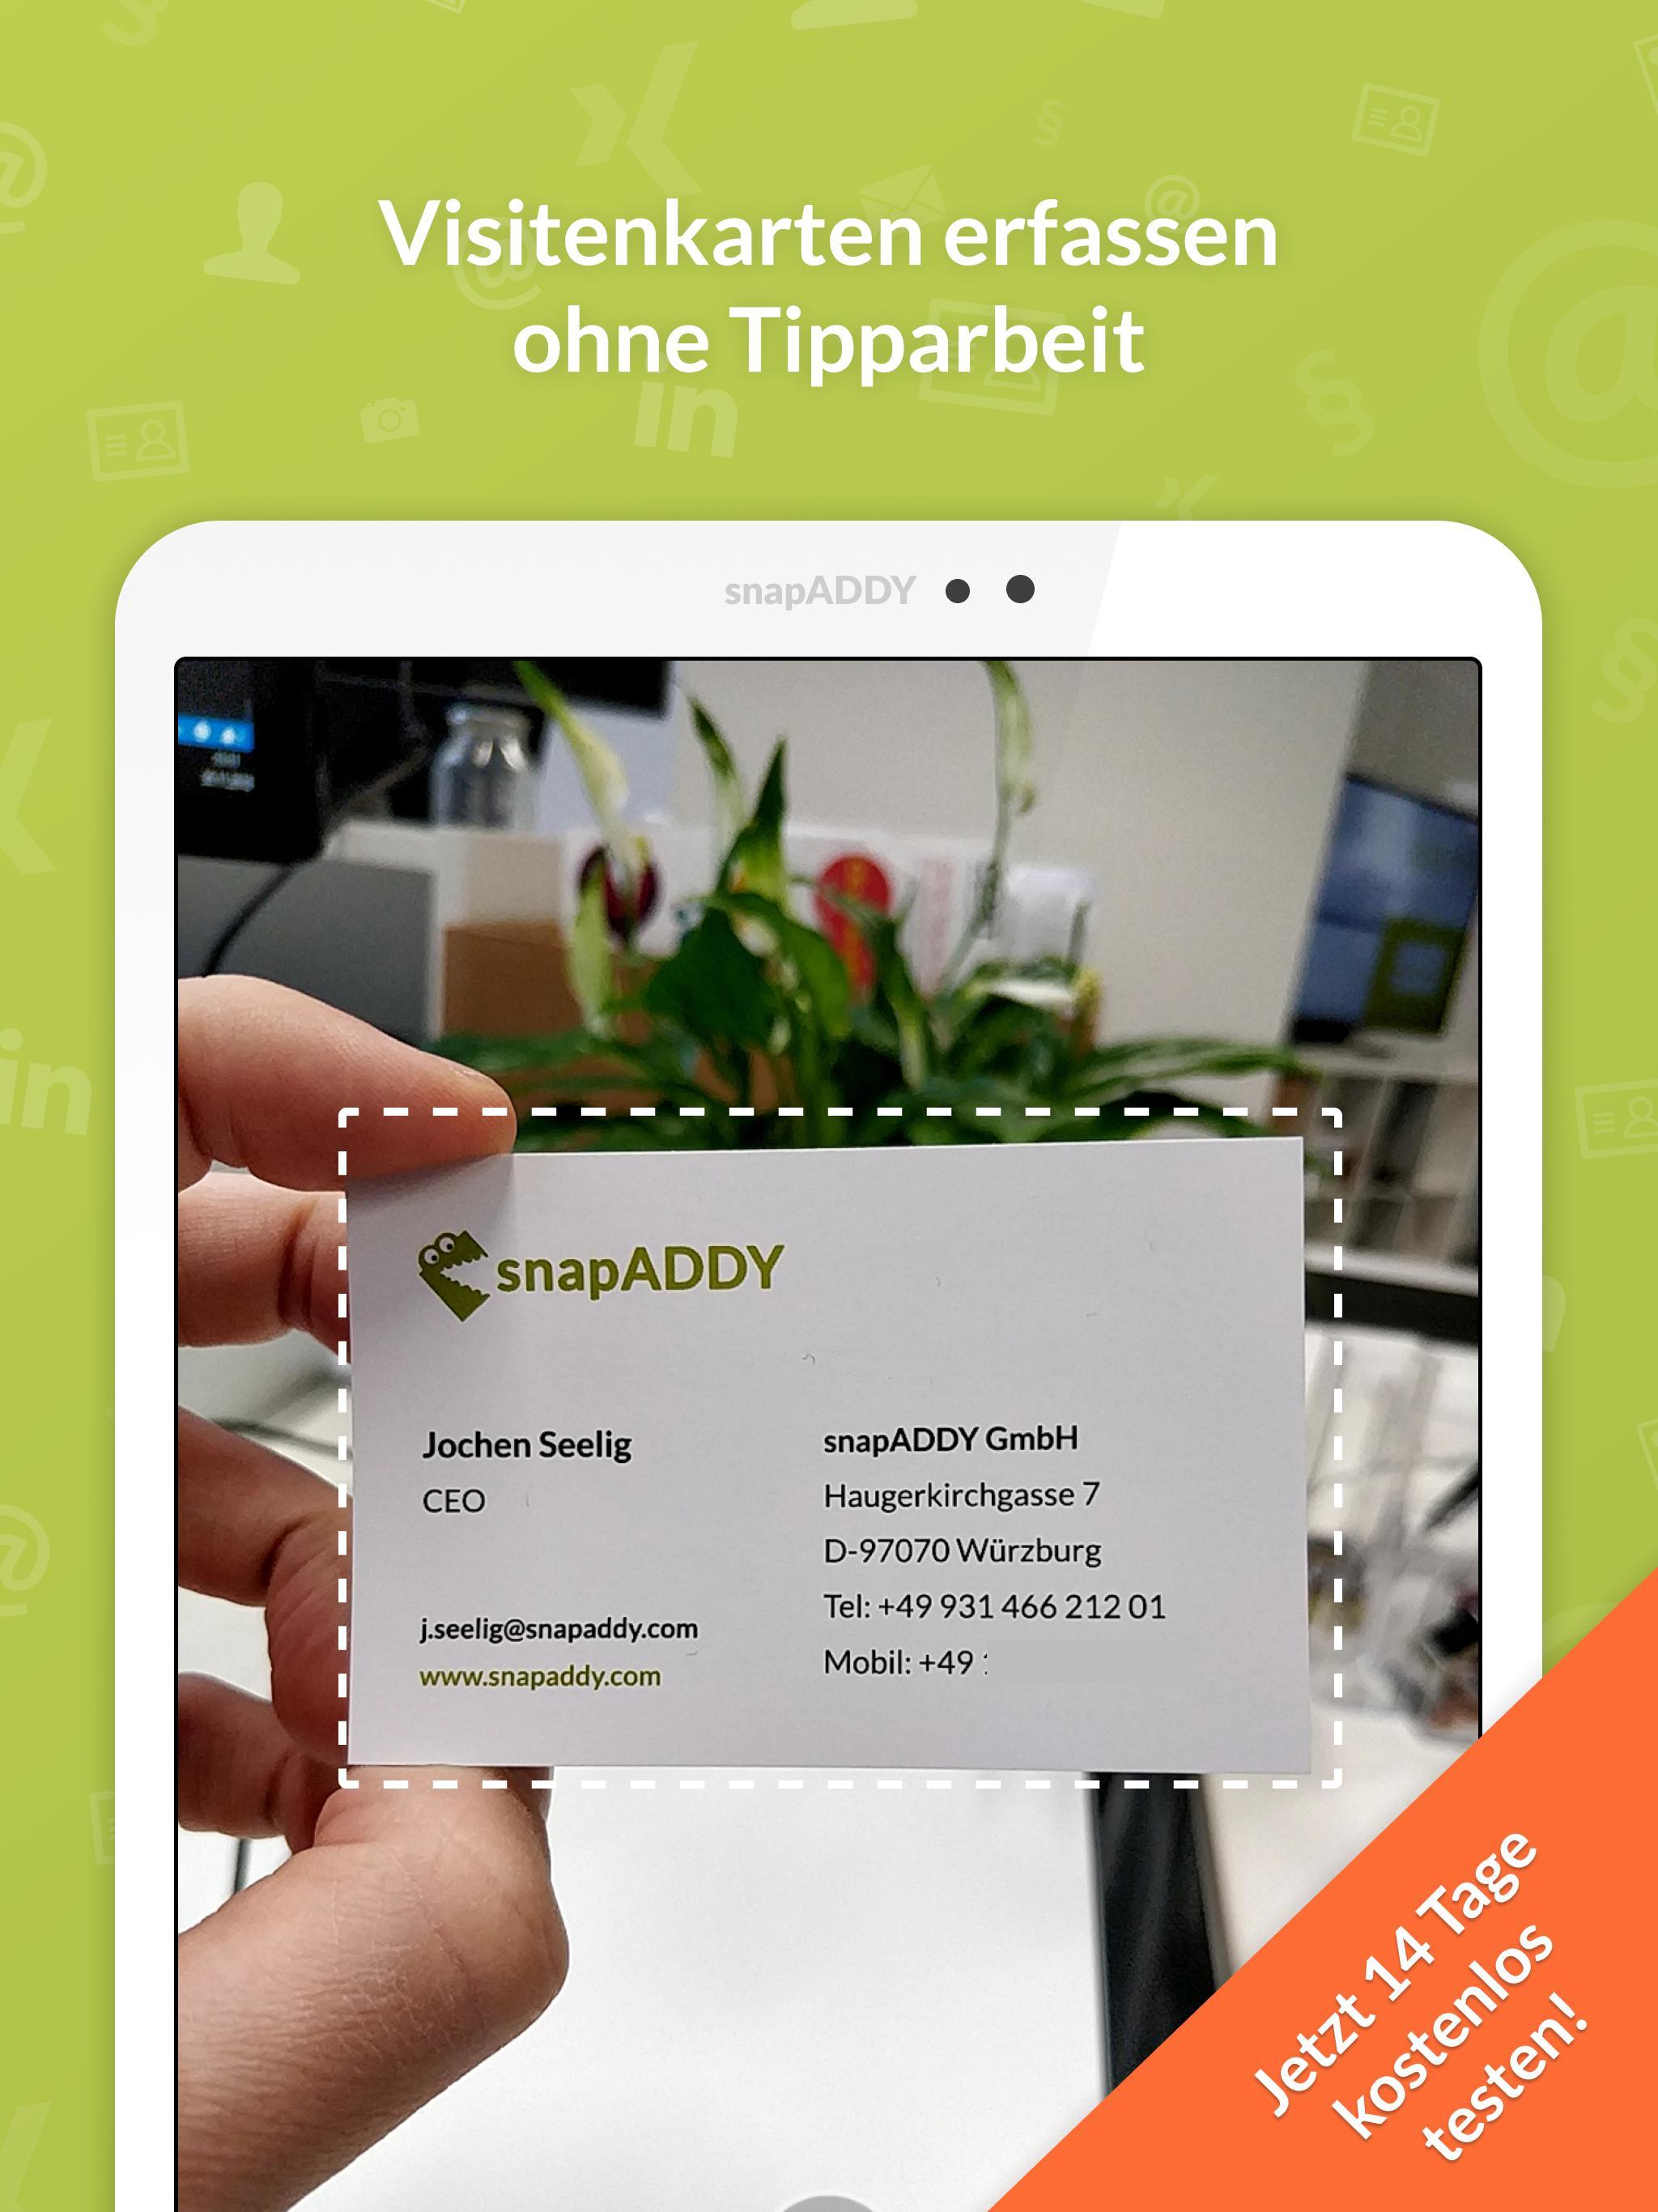 Visitenkartenscanner Für Crm Für Android Apk Herunterladen